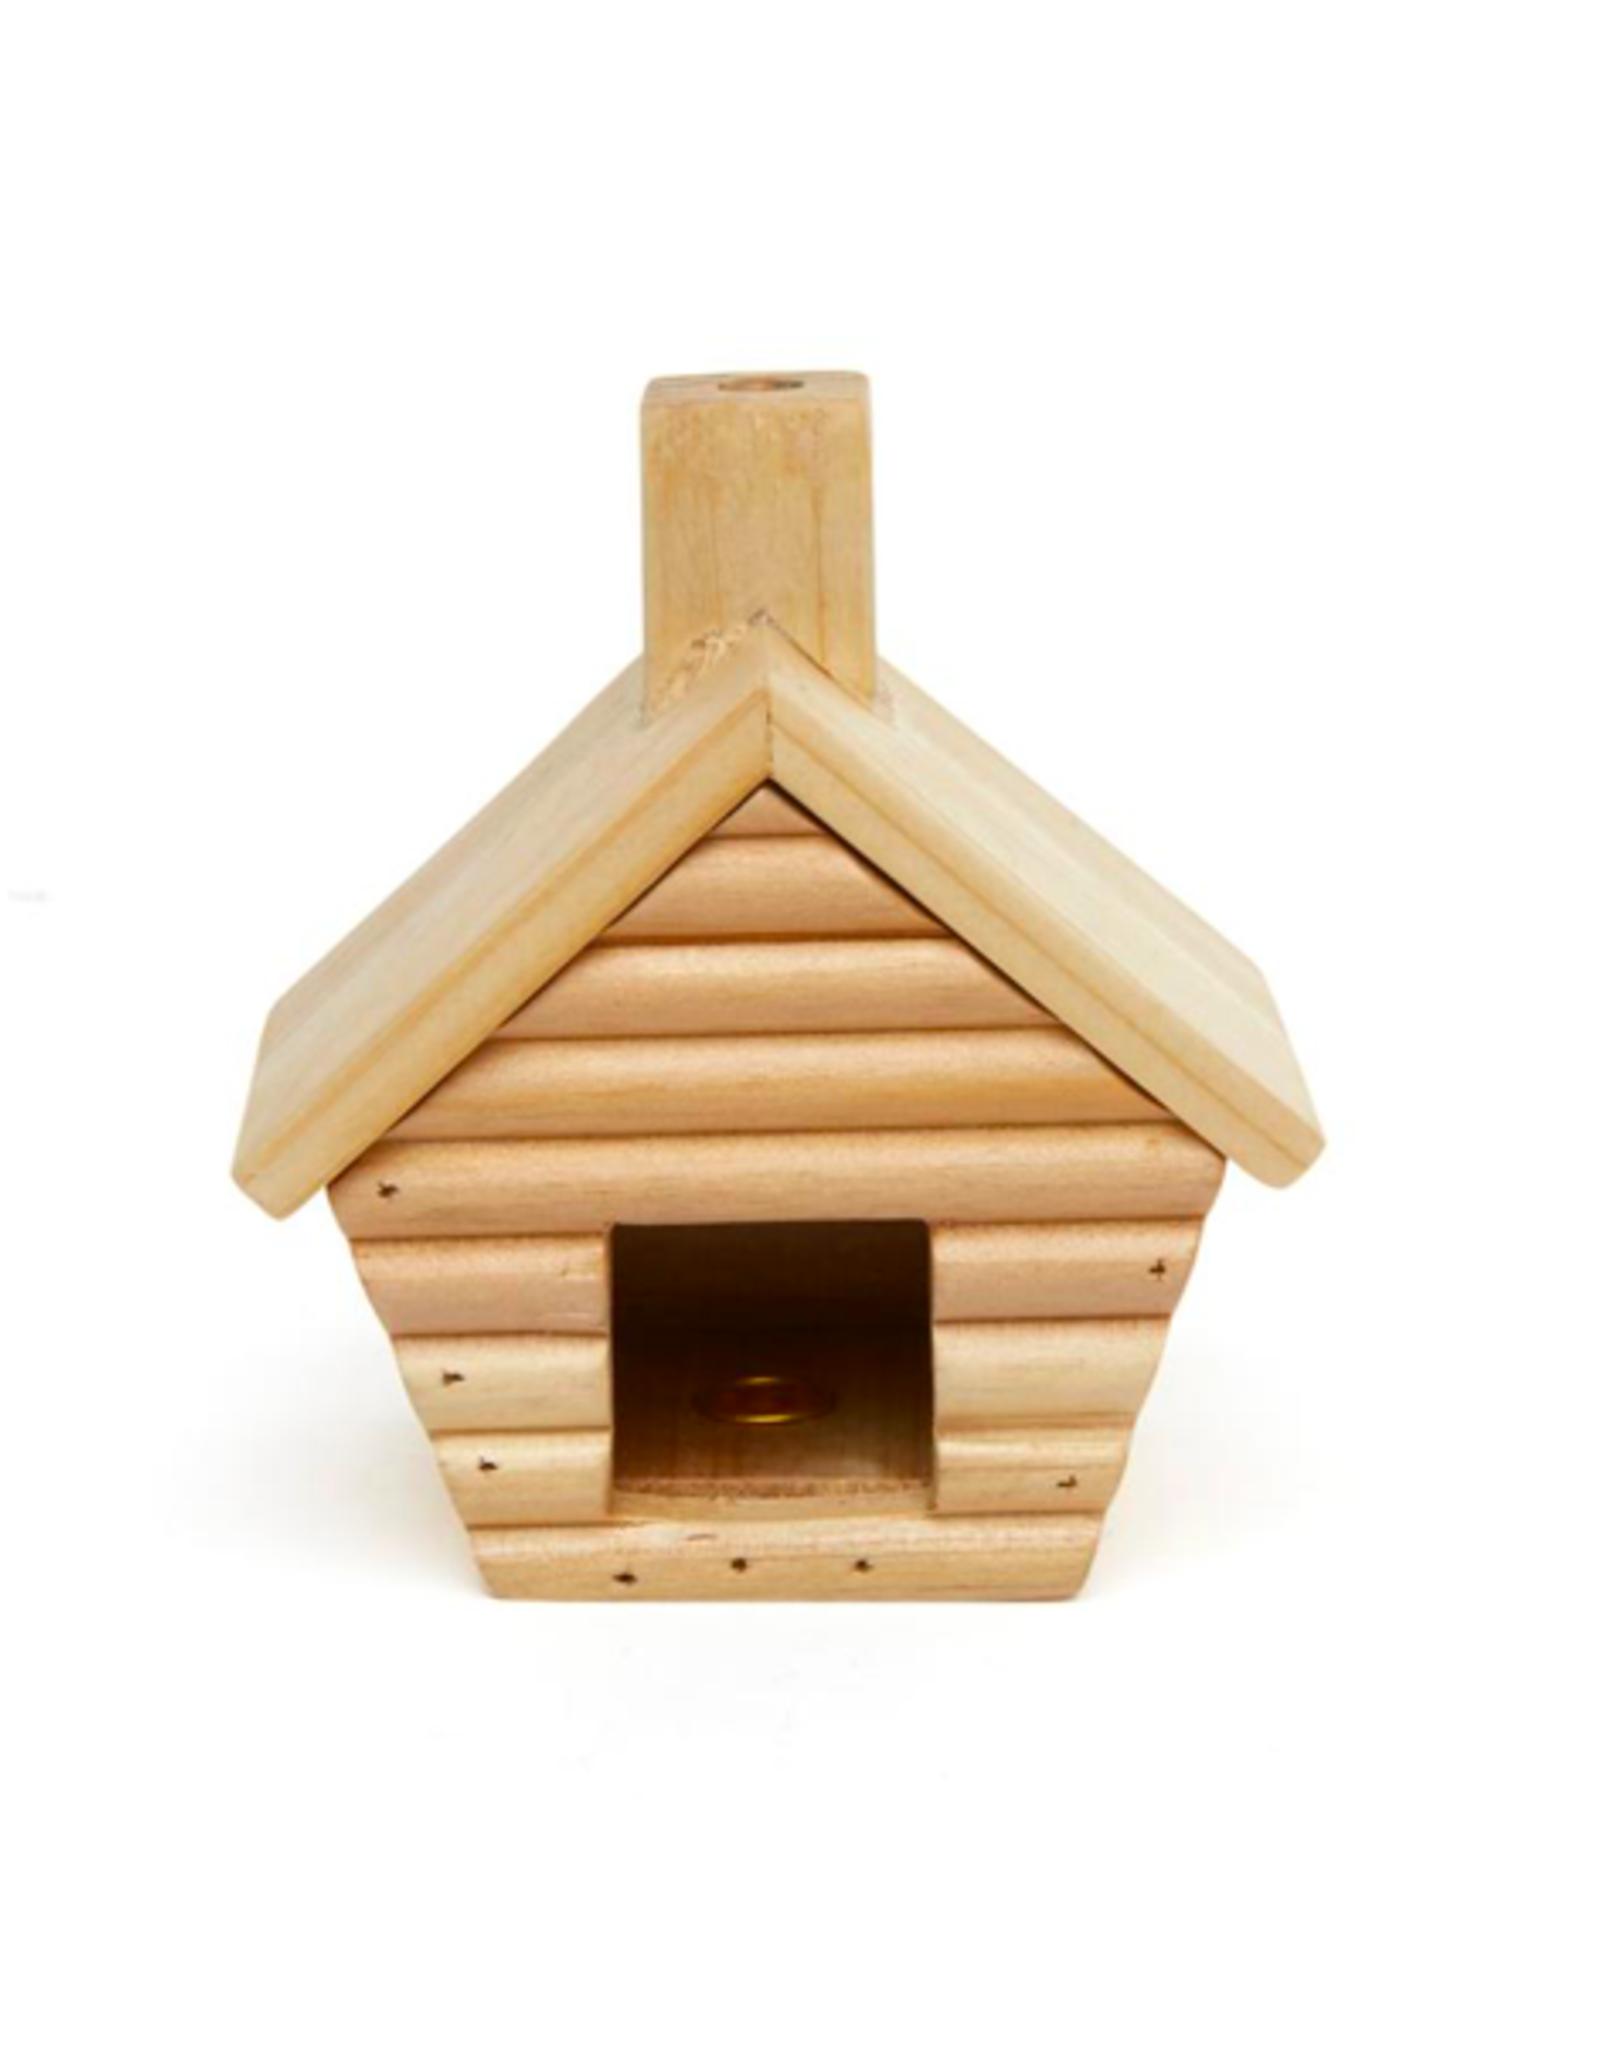 KND - Log Cabin Incense Burner & Cones / Balsam Fir